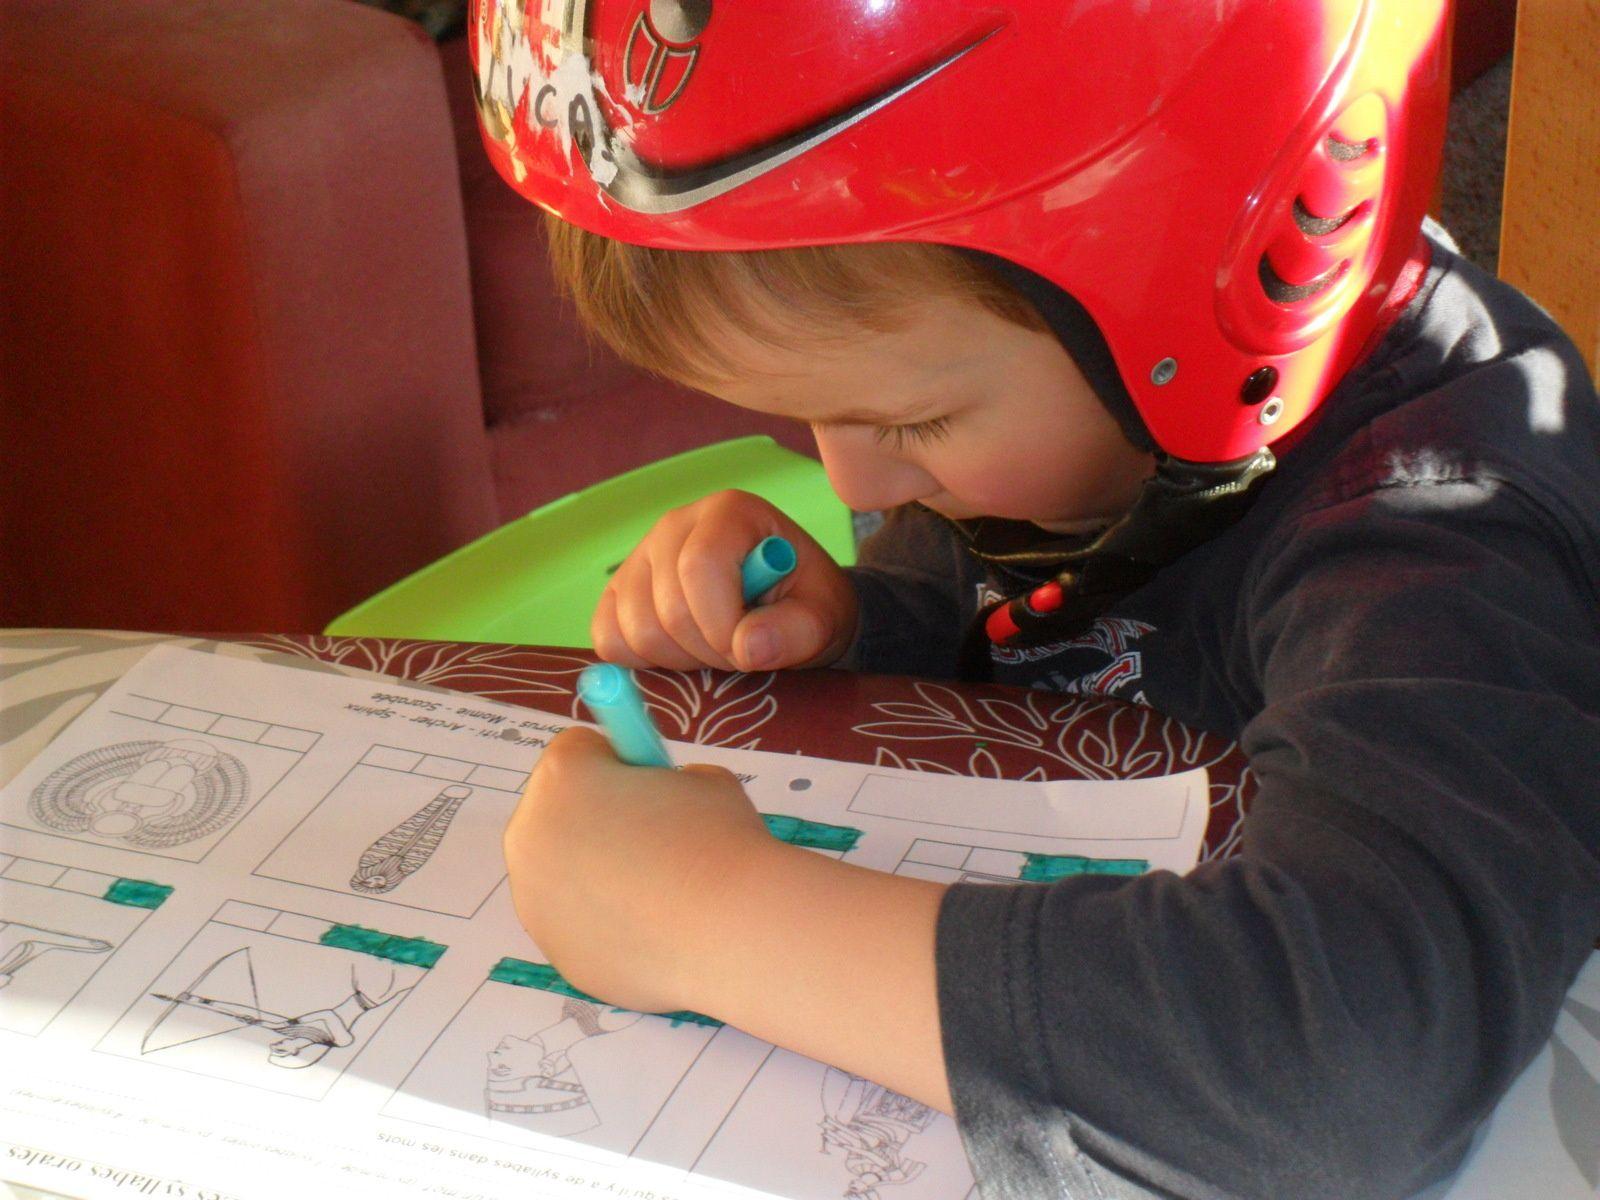 Jonah a passé la journée entière avec son casque de ski sur le tête! Il avait une folle envie d'aller skier!